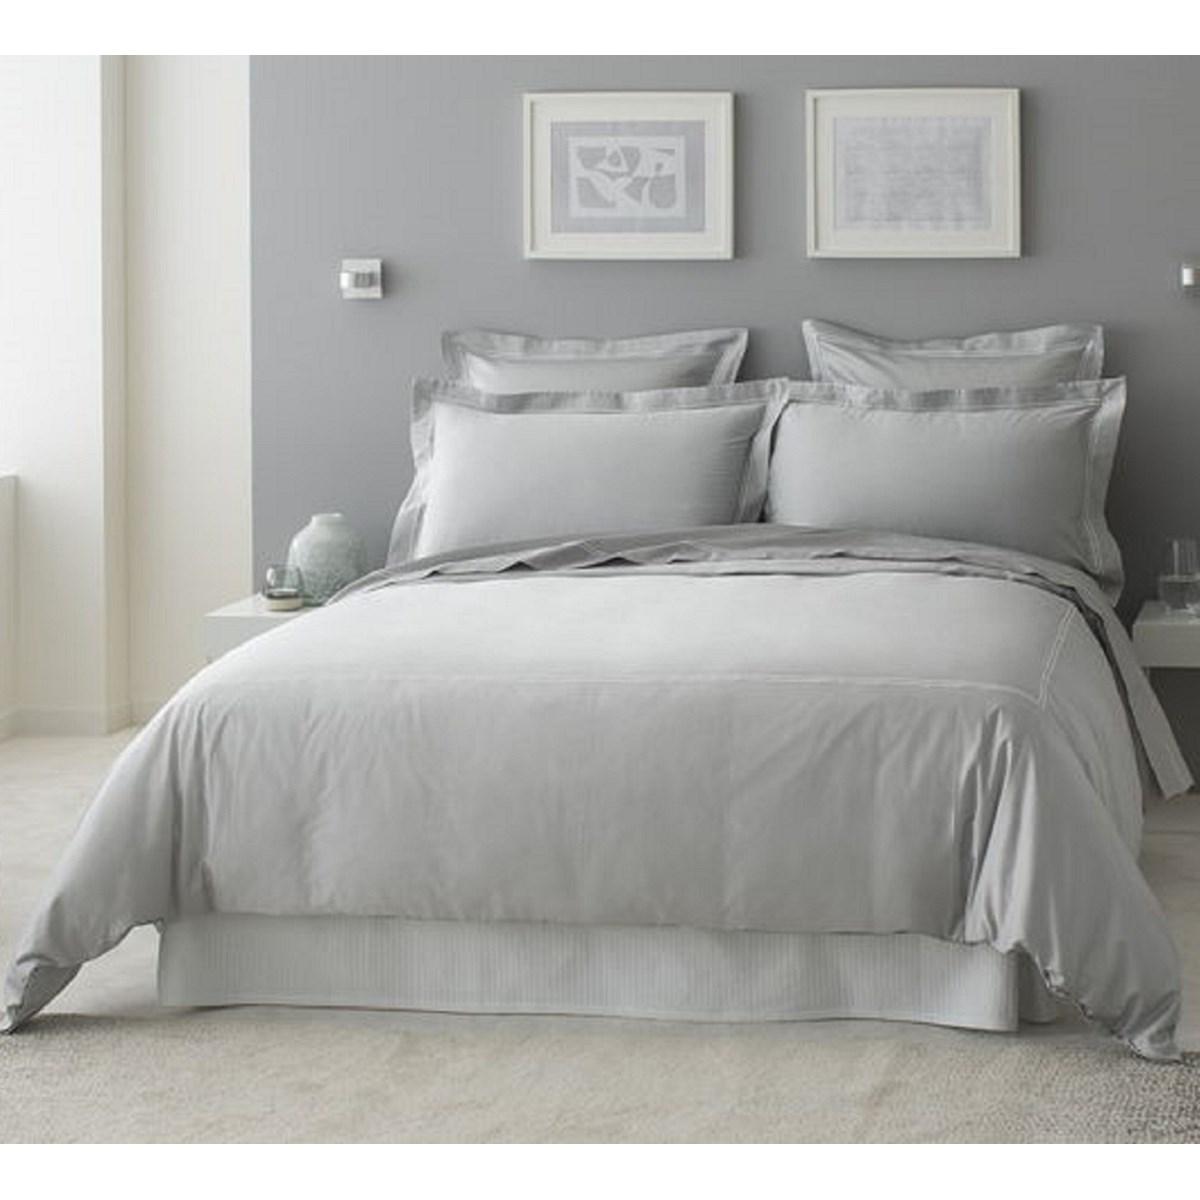 Housse de couette luxe en Satin de coton  Gris clair 280x260 cm